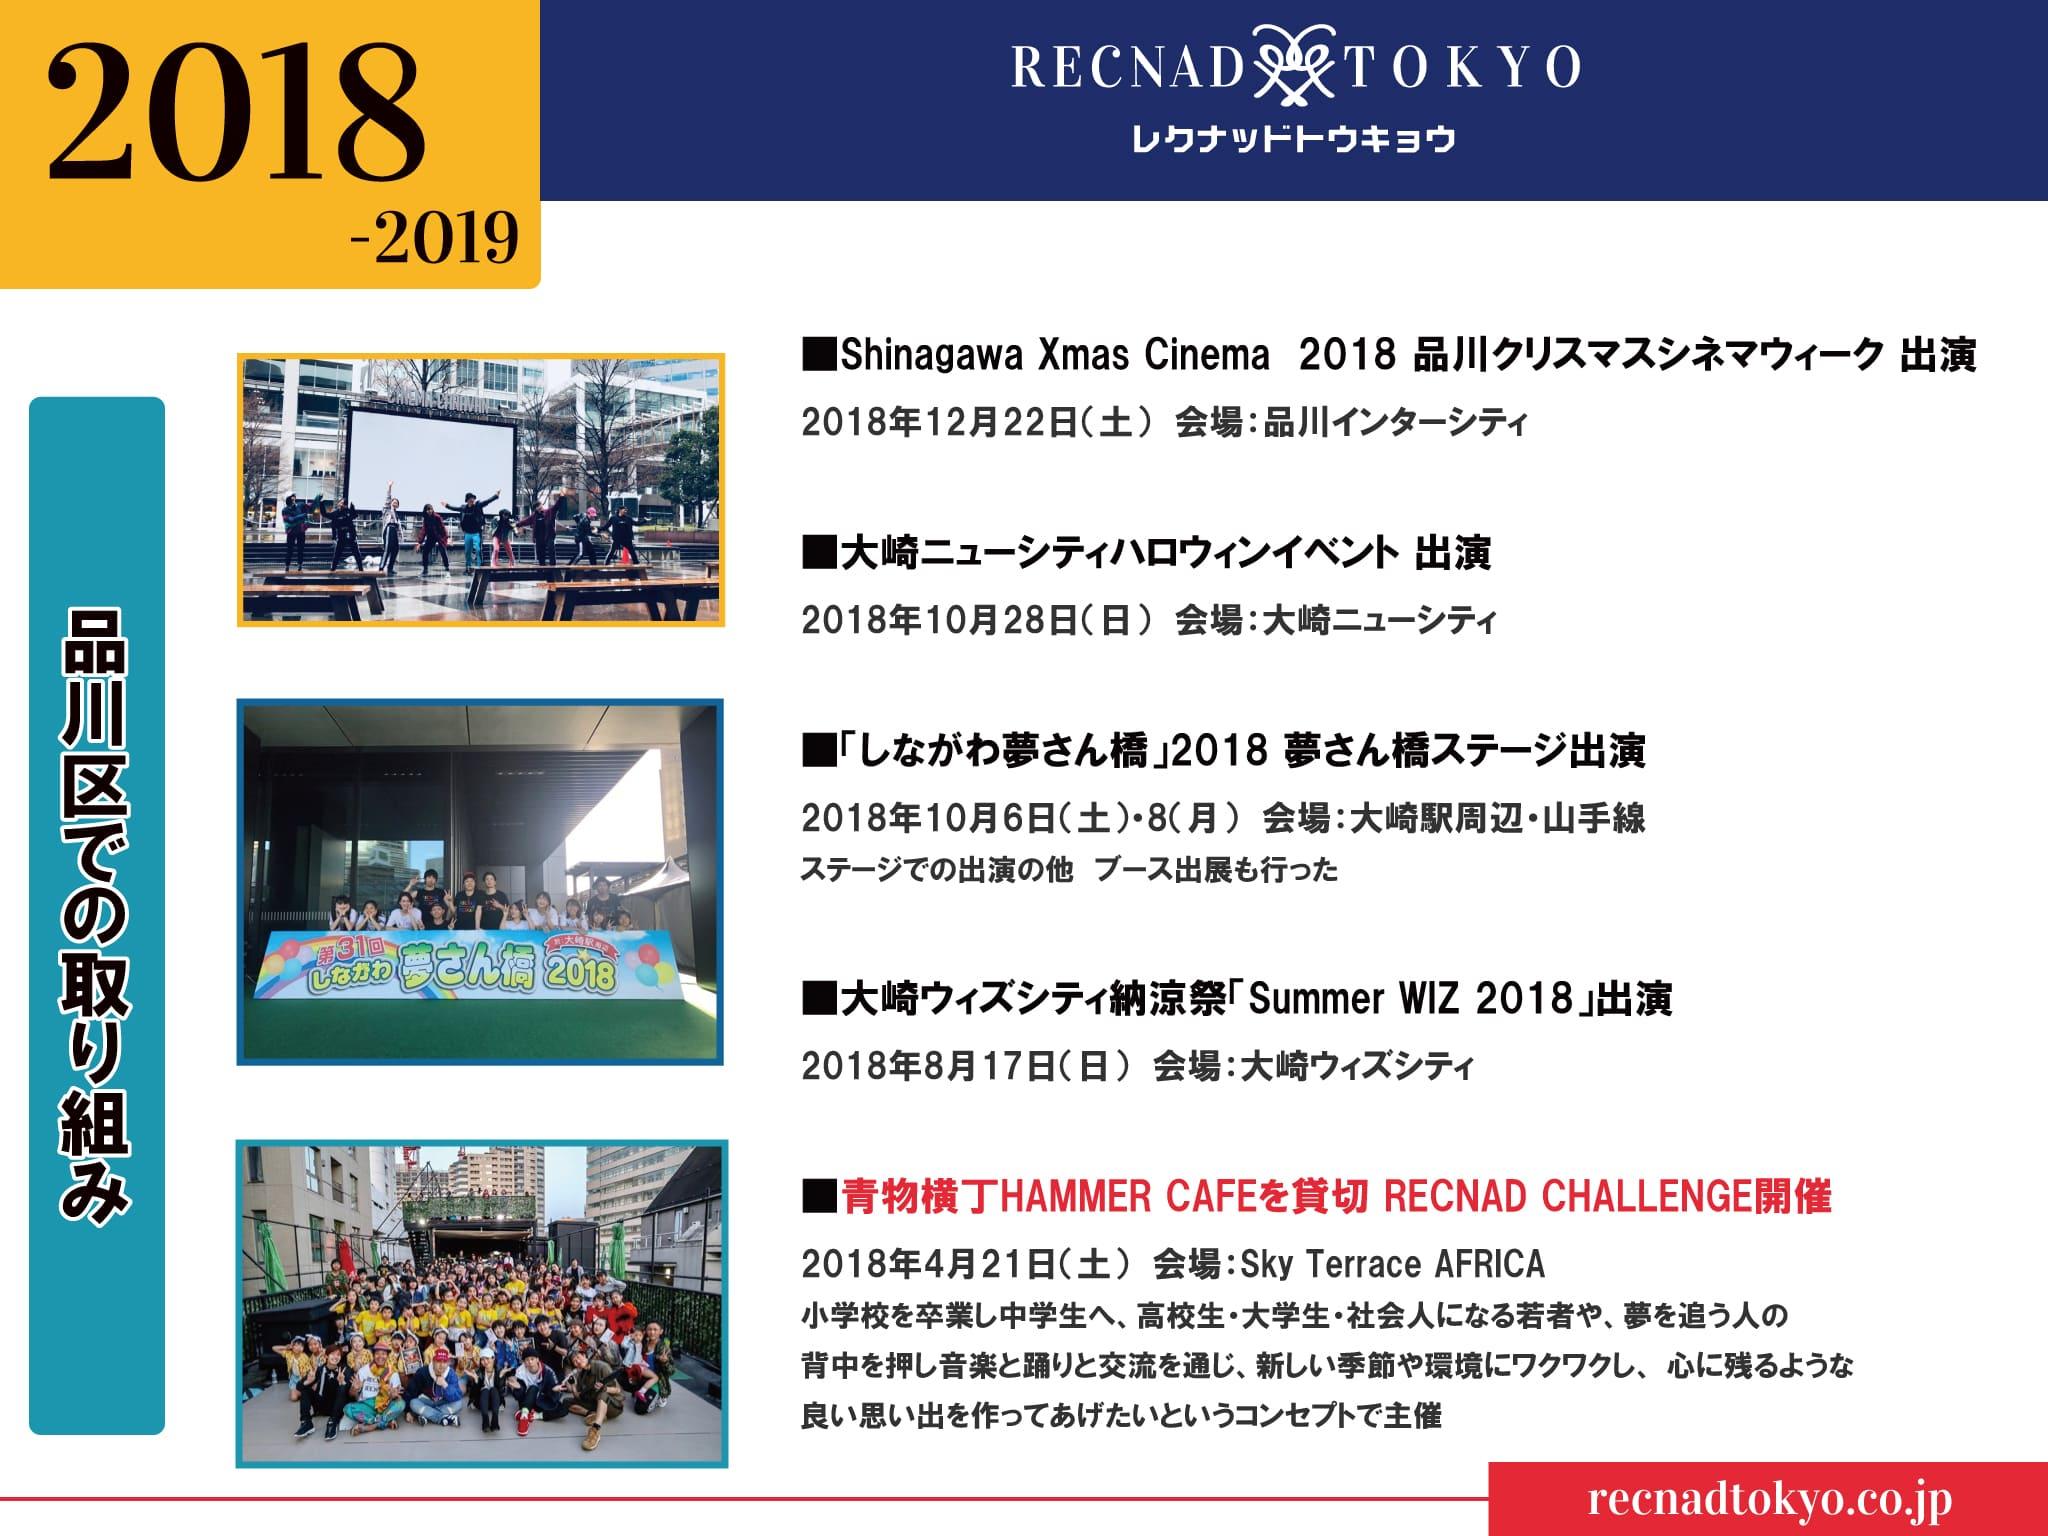 品川区 でのRECNAD TOKYOの活動 ダンス で街を盛り上げる わしながわ | RECNAD TOKYO 2018